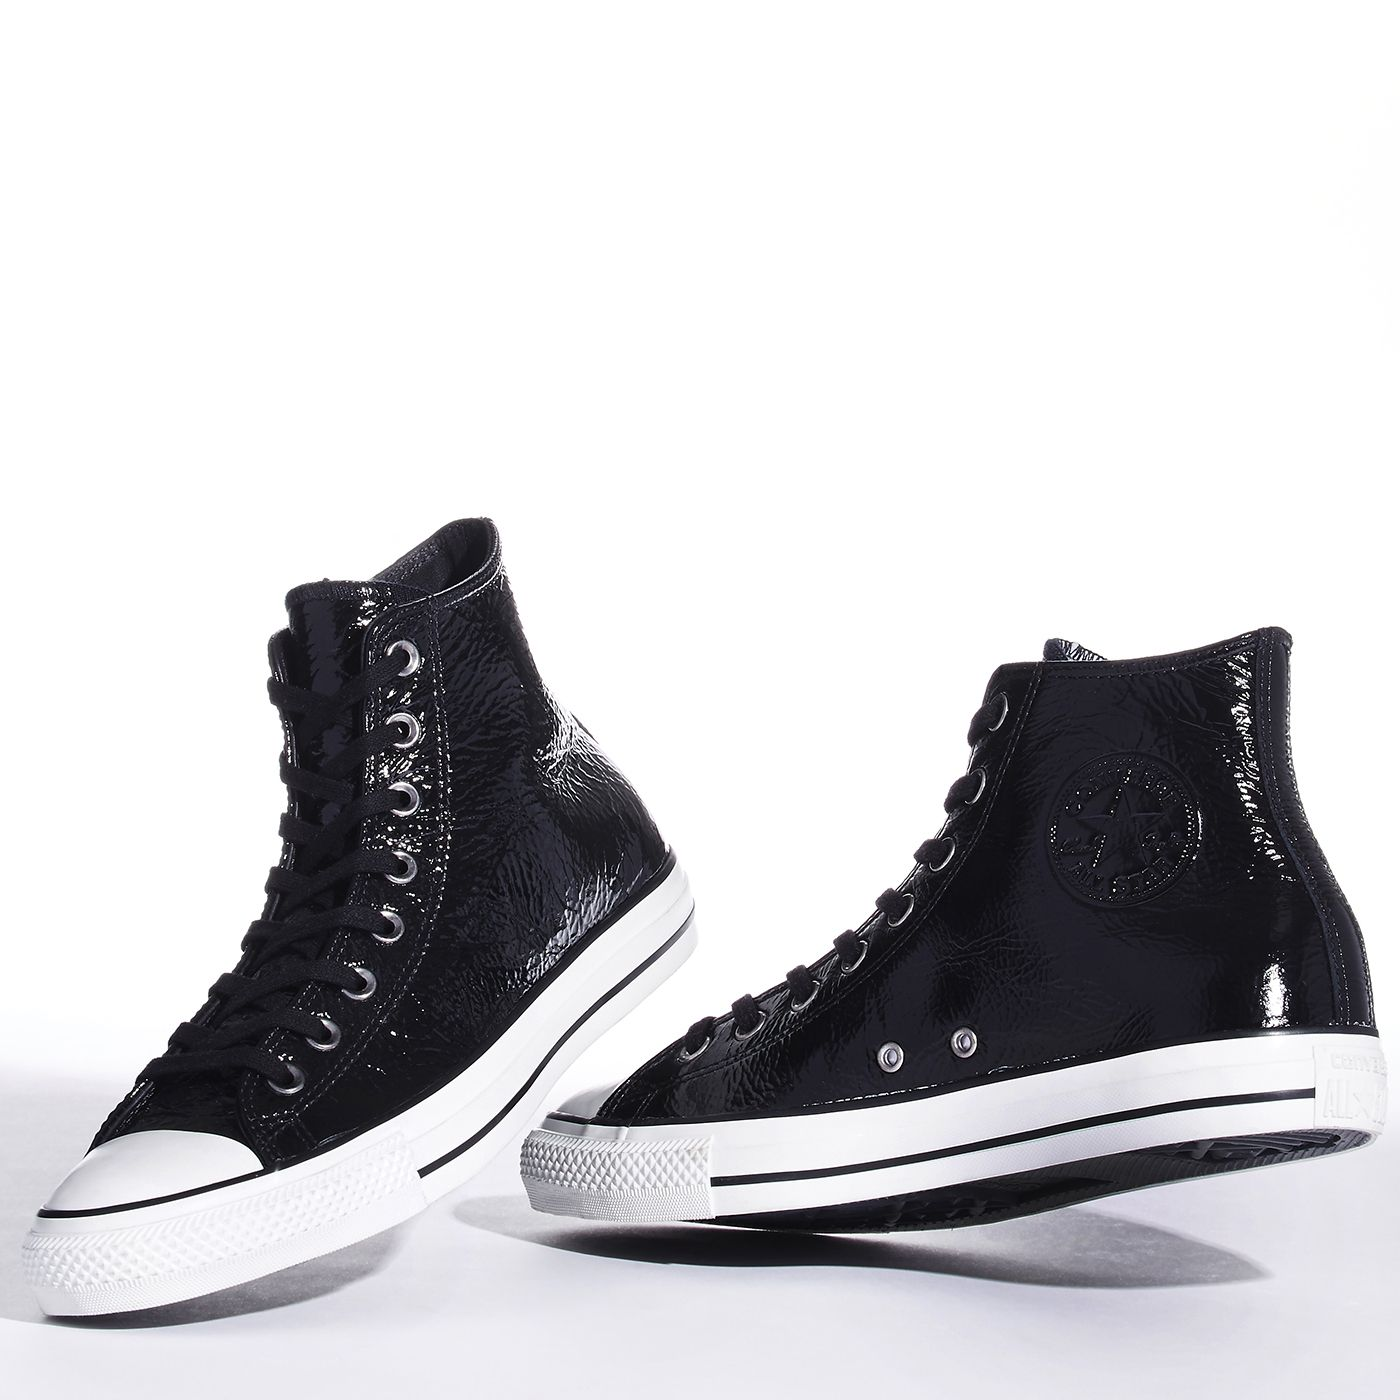 Converse, Converse chuck taylor